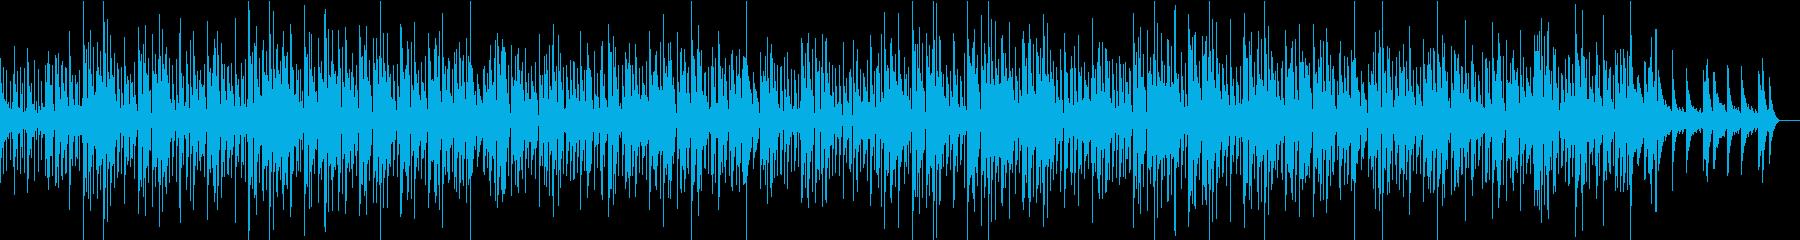 軽やかでスムーズなジャズの再生済みの波形